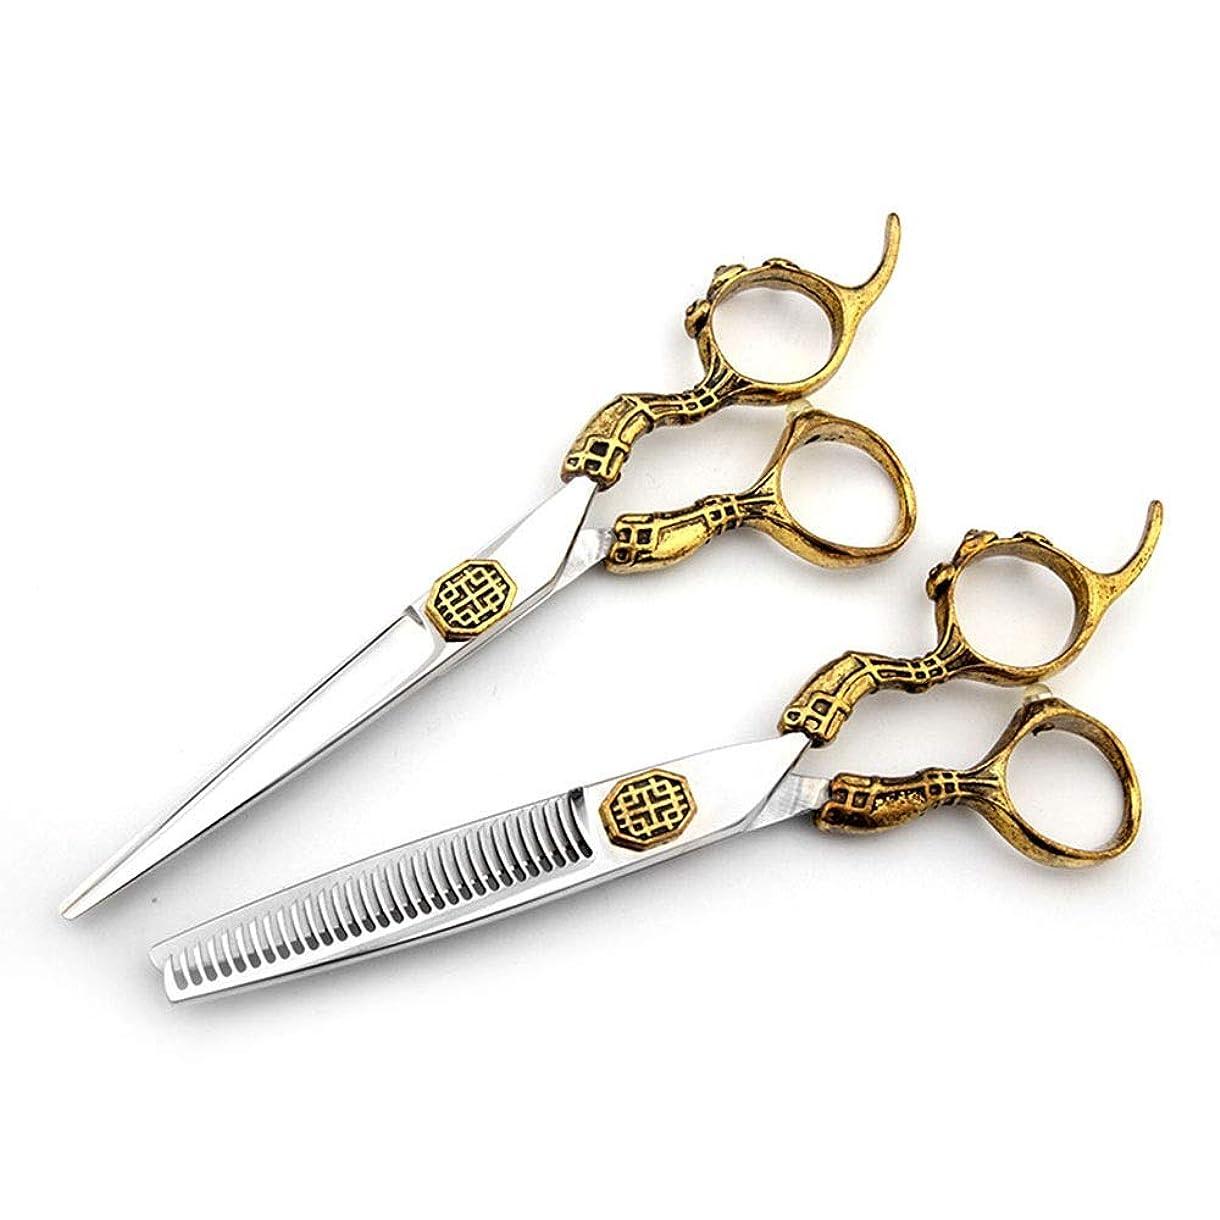 6インチ美容院プロのヘアカットゴールド高級フラットシザー+歯せん断ツールセット モデリングツール (色 : ゴールド)